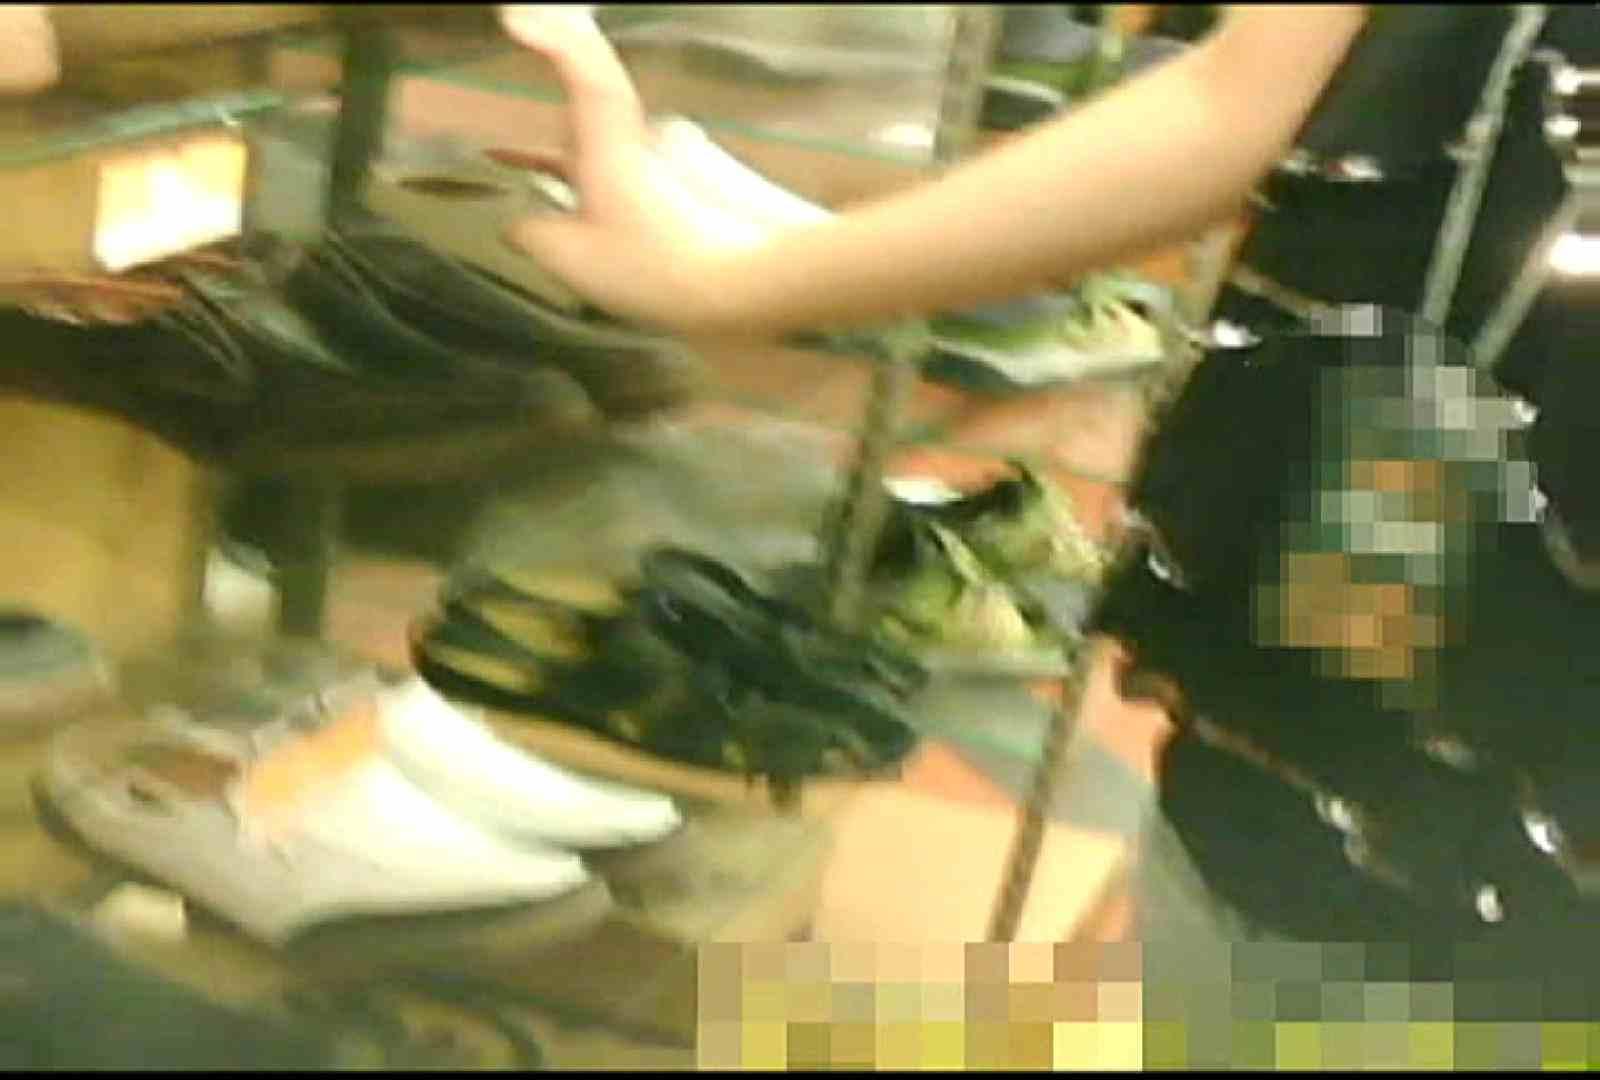 「ノゾキスト」さんの陰撮!!美女サルベージVol.1 美女 盗撮画像 97連発 53